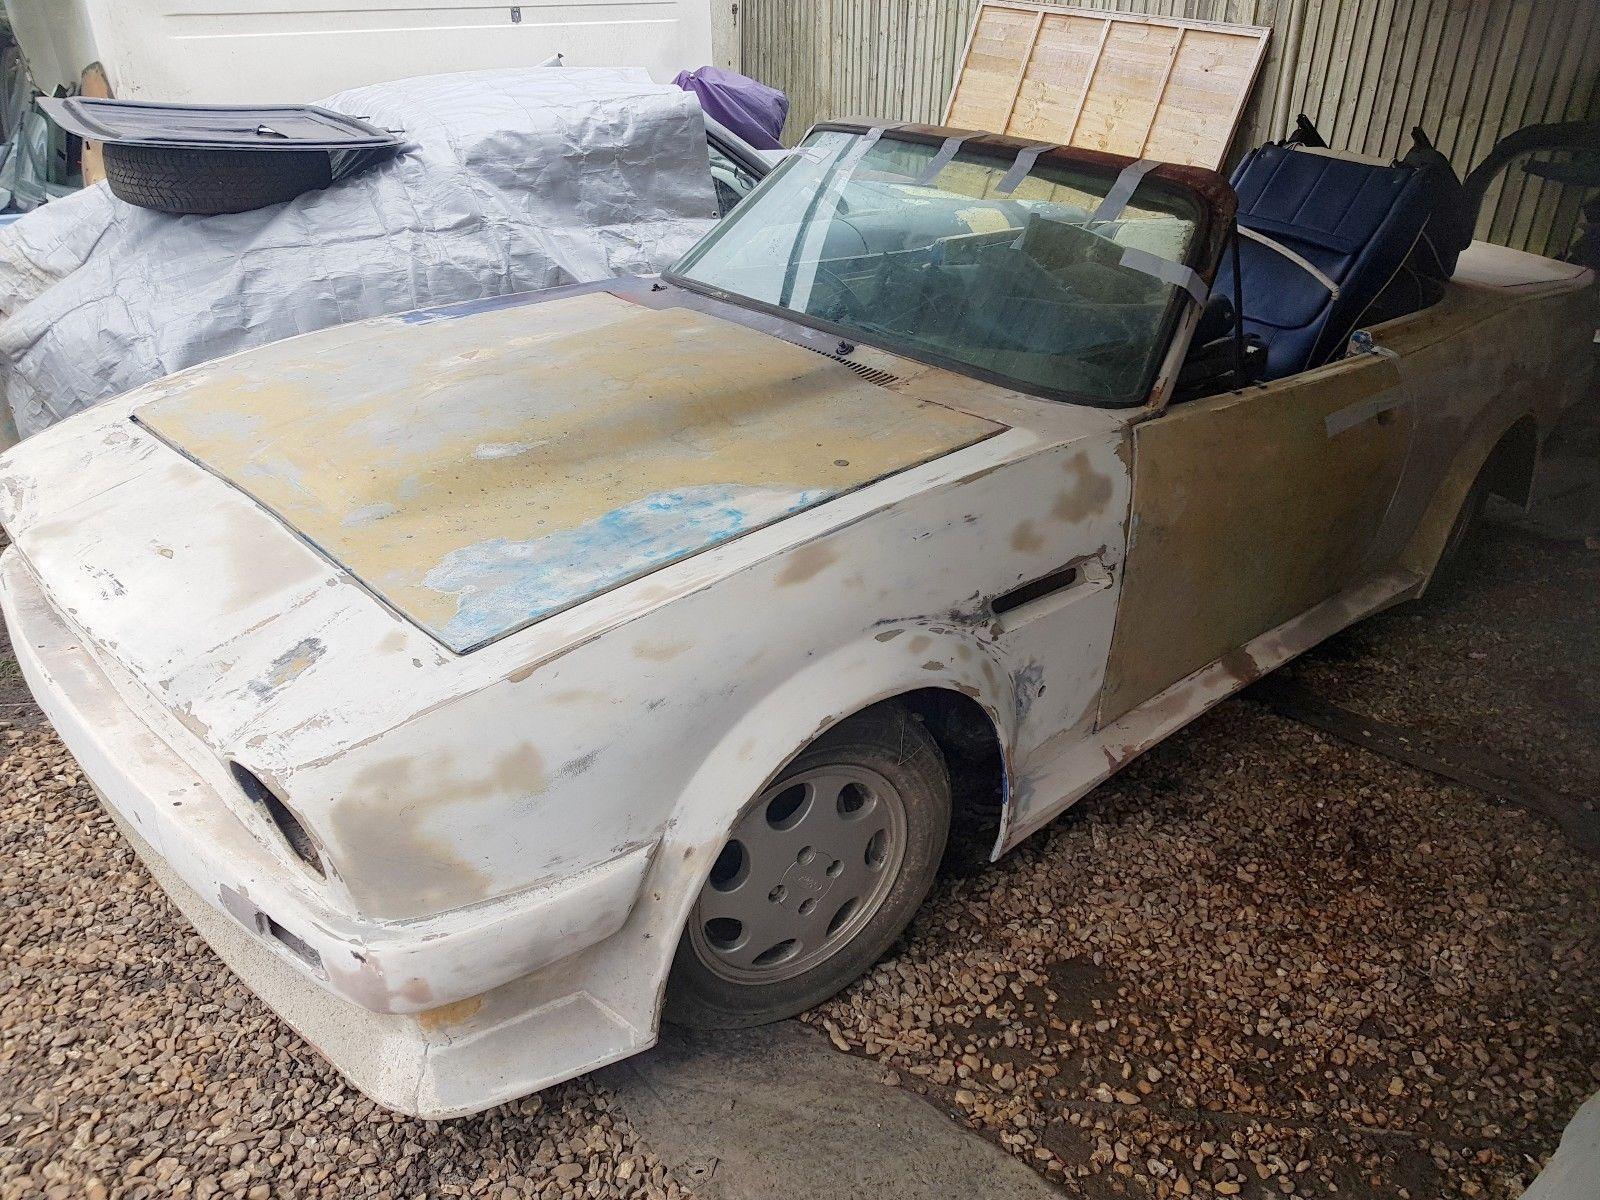 Aston martin v8 vantage volante replica based on ford capri with 2 9